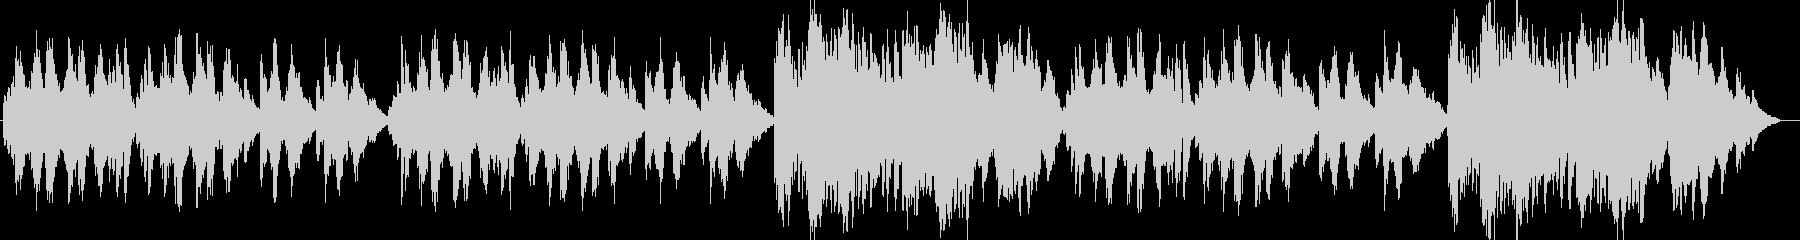 切なく感動的なオルガンサウンドの未再生の波形